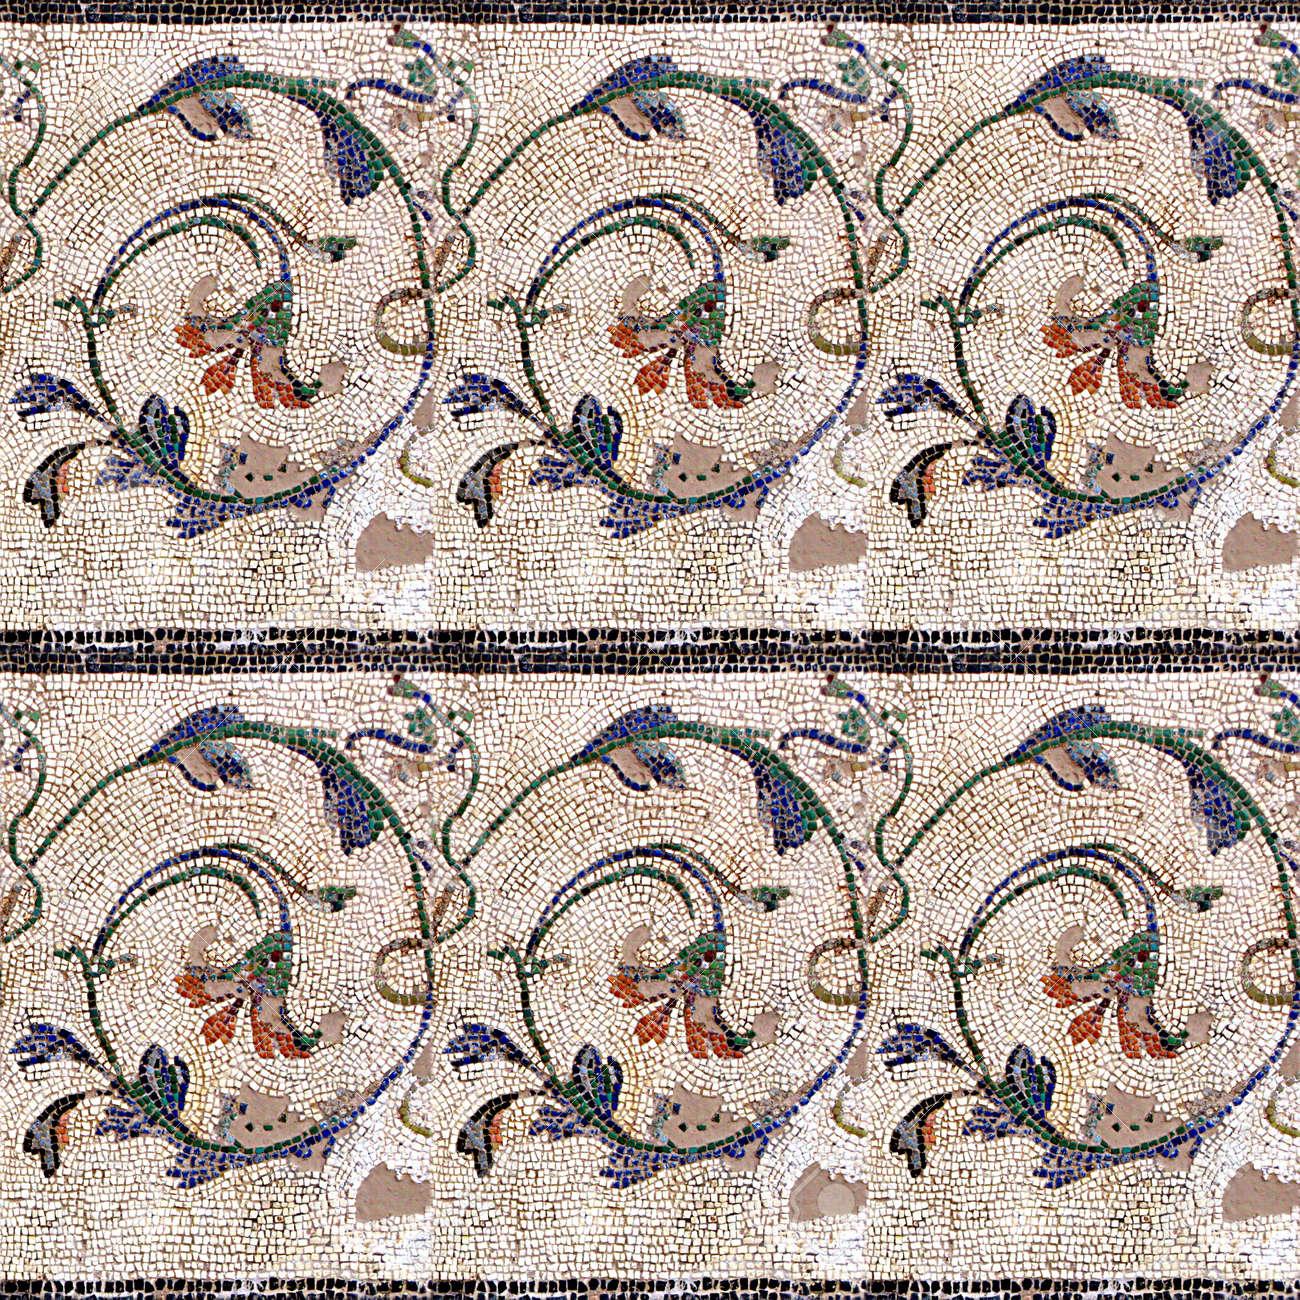 Mosaic Seamless Texture Tile Stock Photo - 14215927